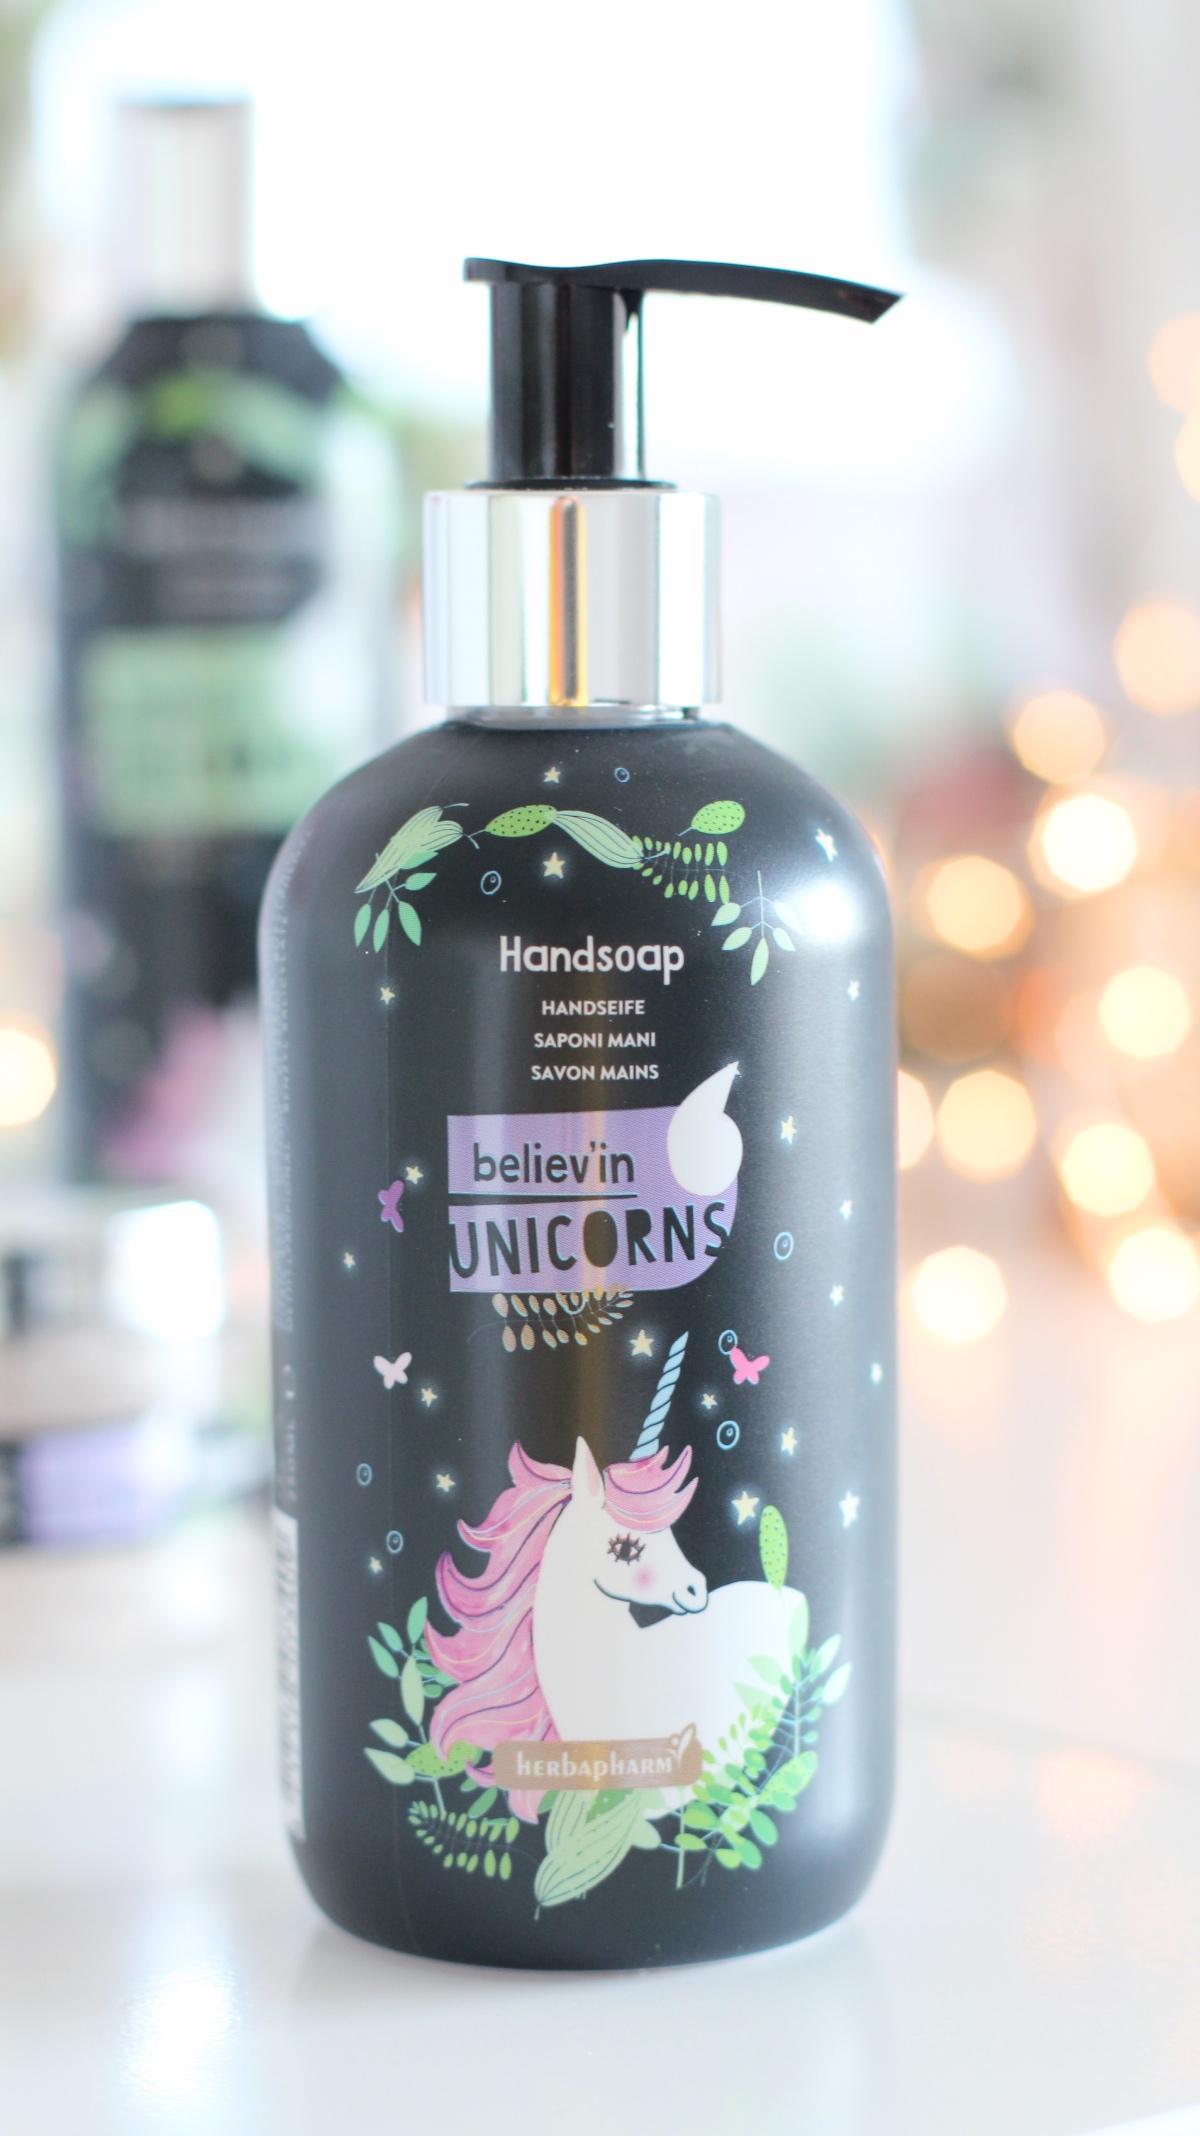 Believ'in Unicorns handsoap